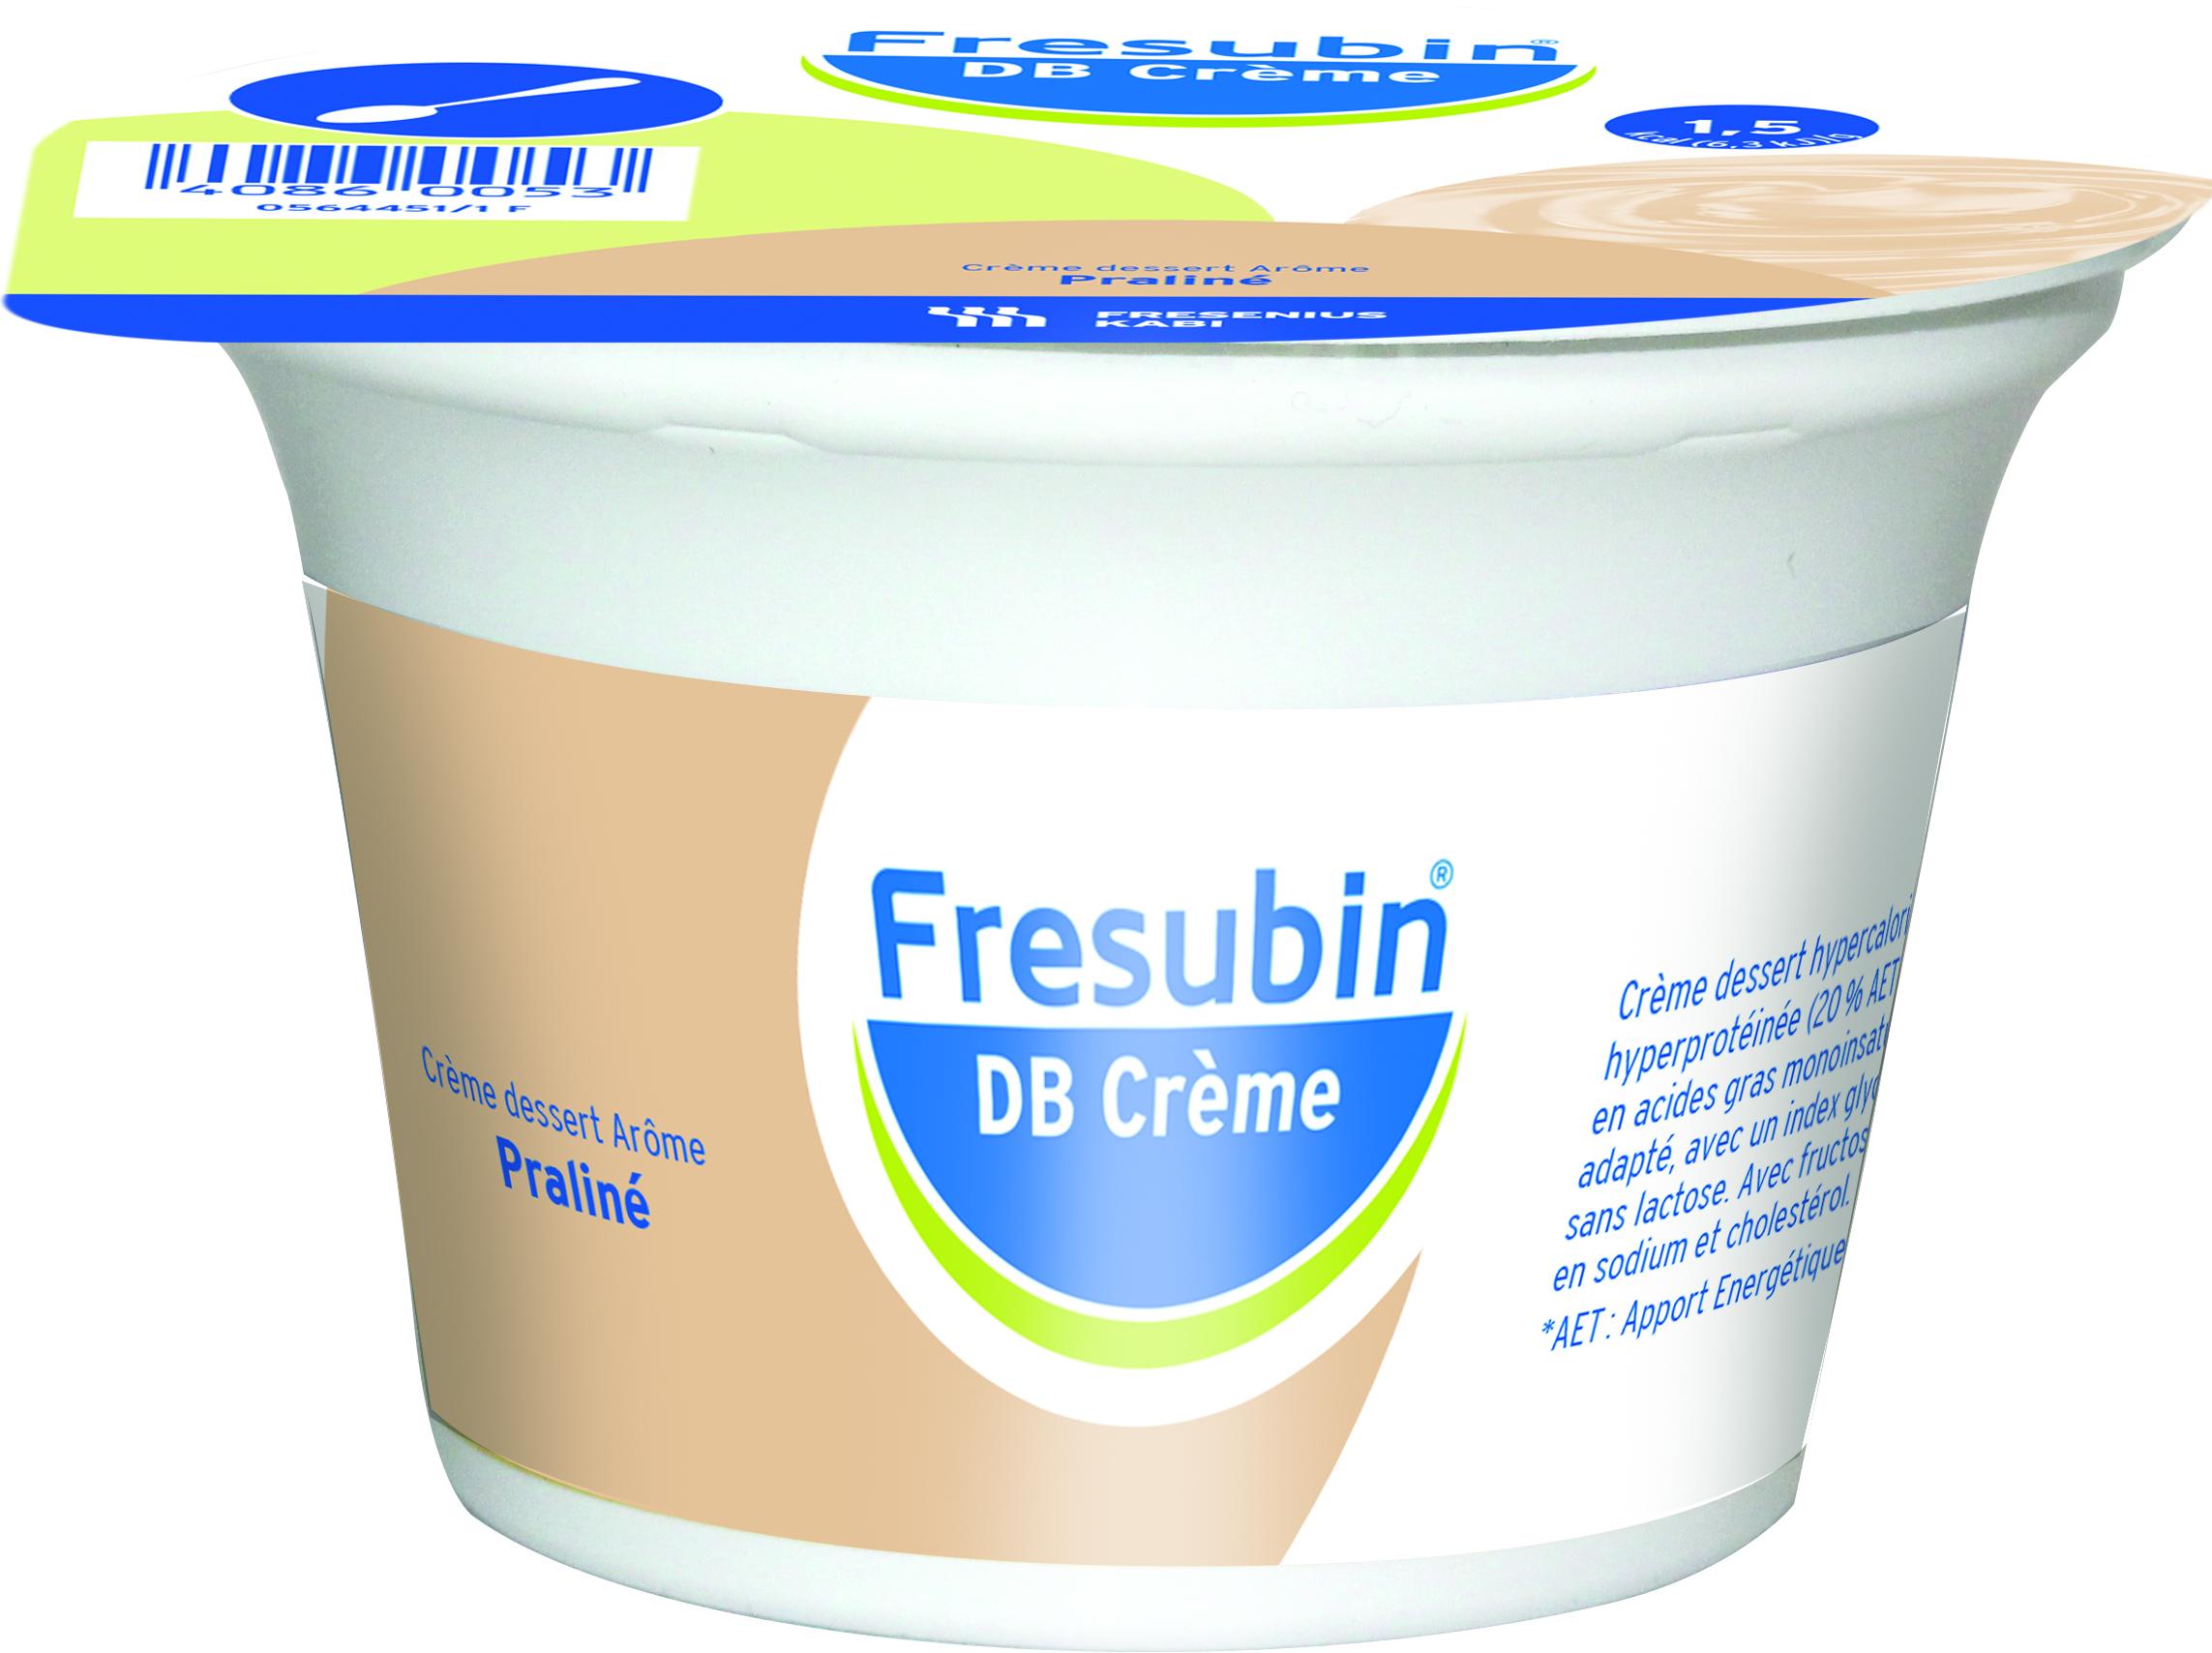 Image FRESUBIN DB CREME nutriment fraise des bois